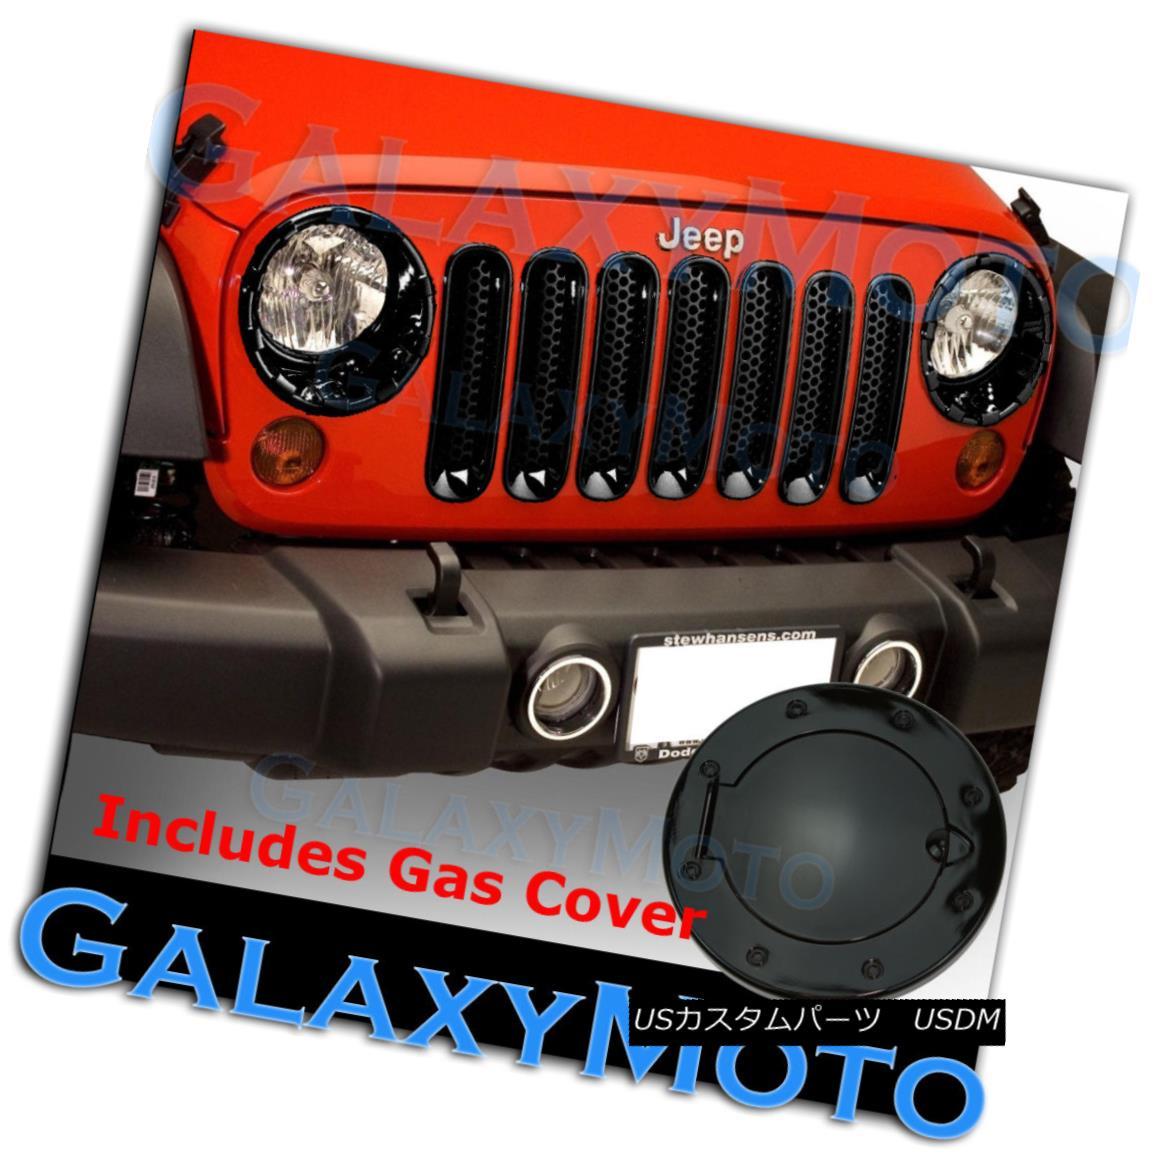 グリル Gloss Black Headlight+Front Mesh Grille+Gas Cover for 07-16 Jeep Wrangler JK グロスブラックヘッドライト+ Fron tメッシュグリル+ガスカバー07-16ジープラングラーJK用